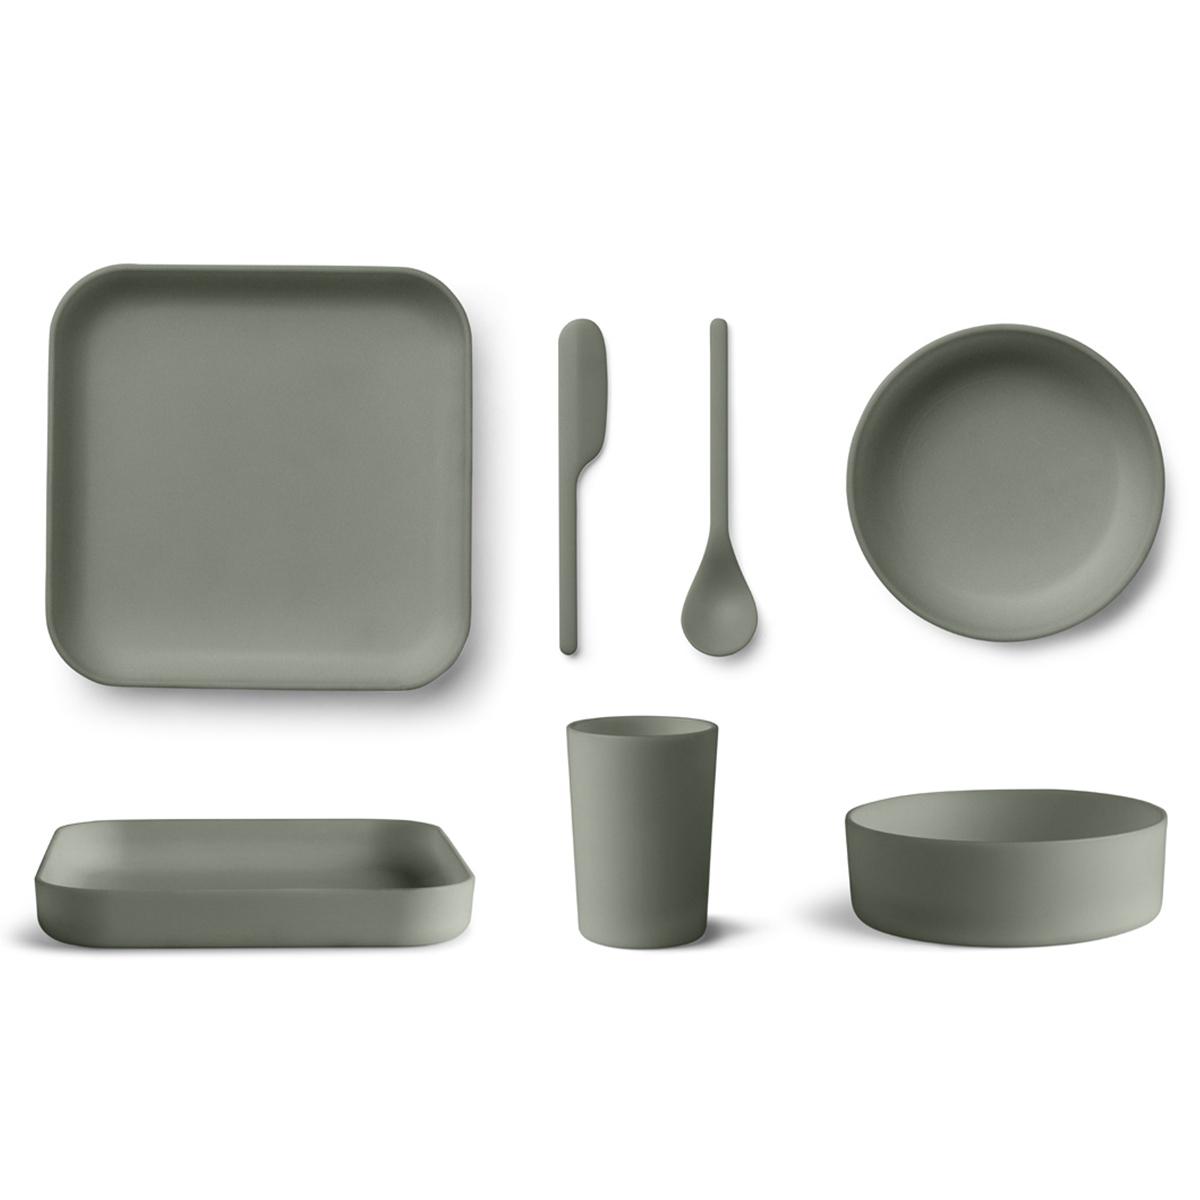 Coffret repas Coffret de Vaisselle 5 Pièces Bamboo Aiko - Faune Green